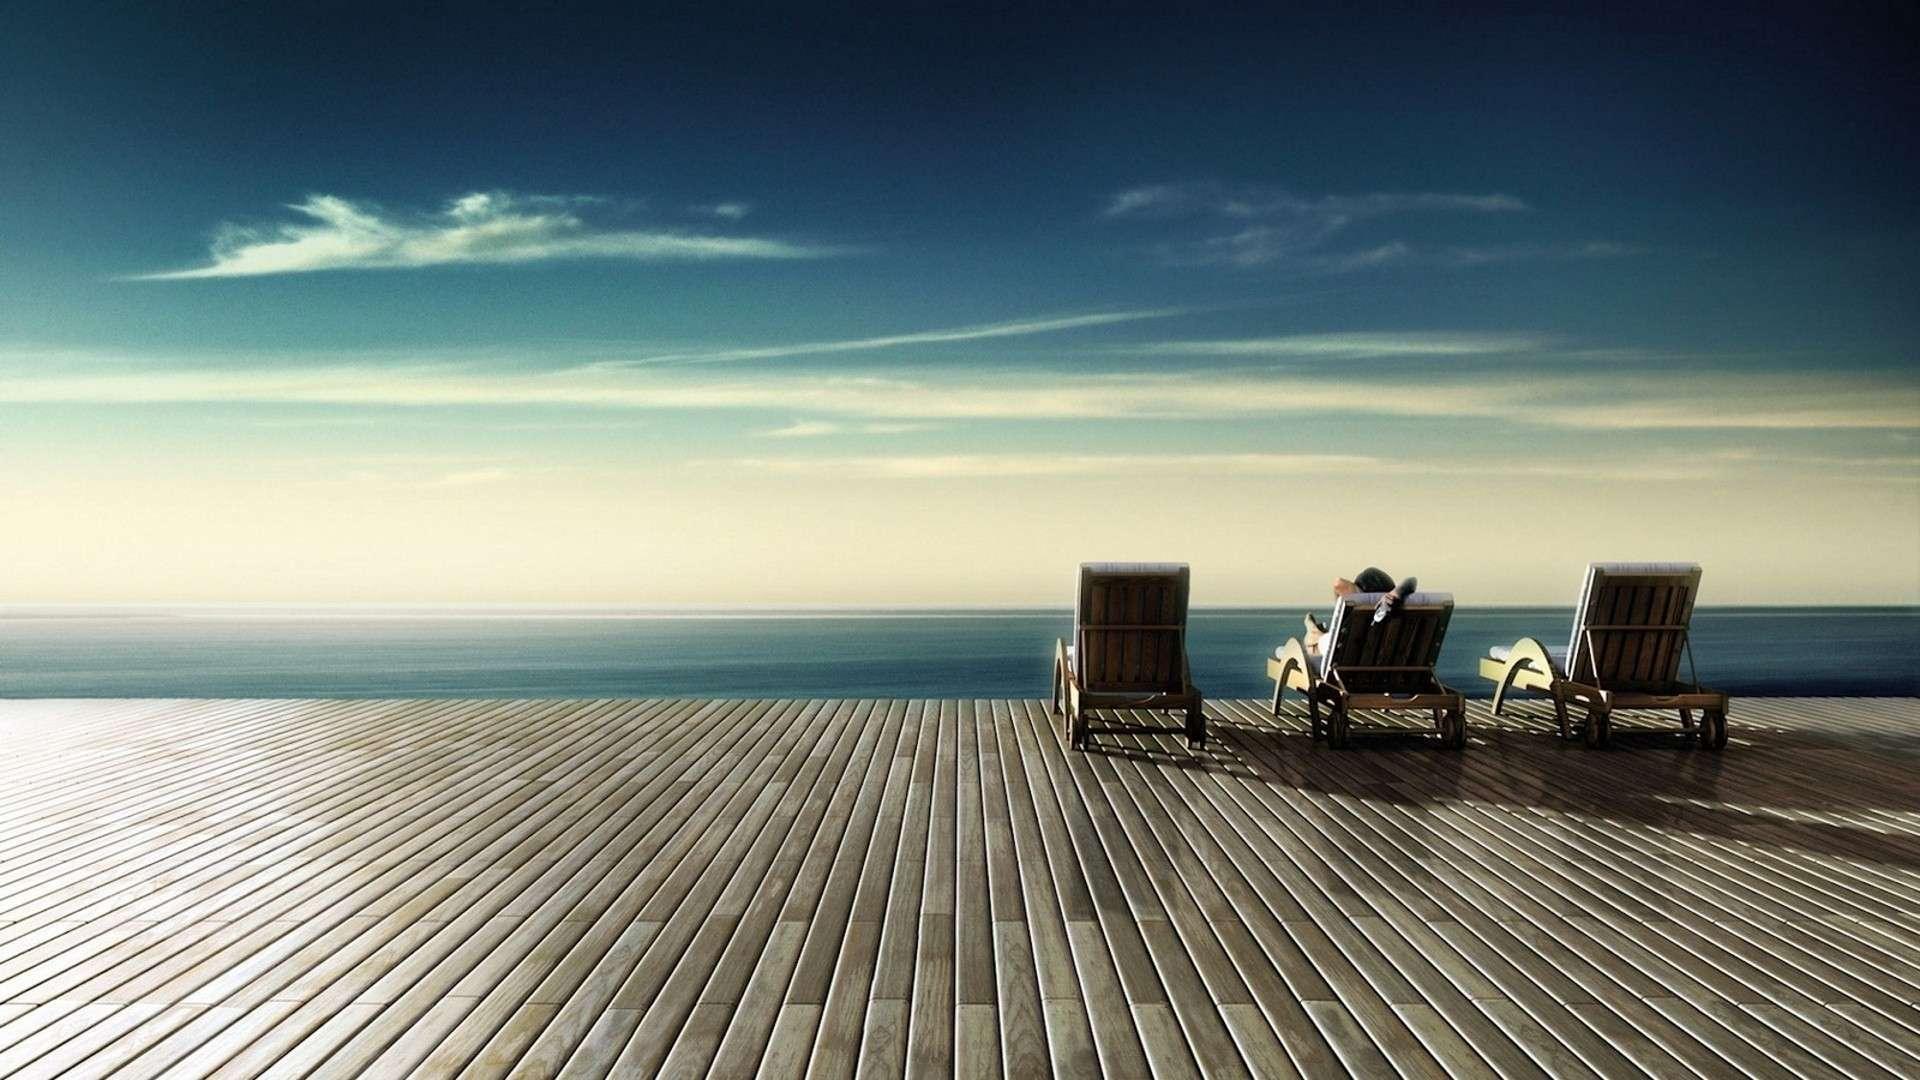 landscape stunning HDR image